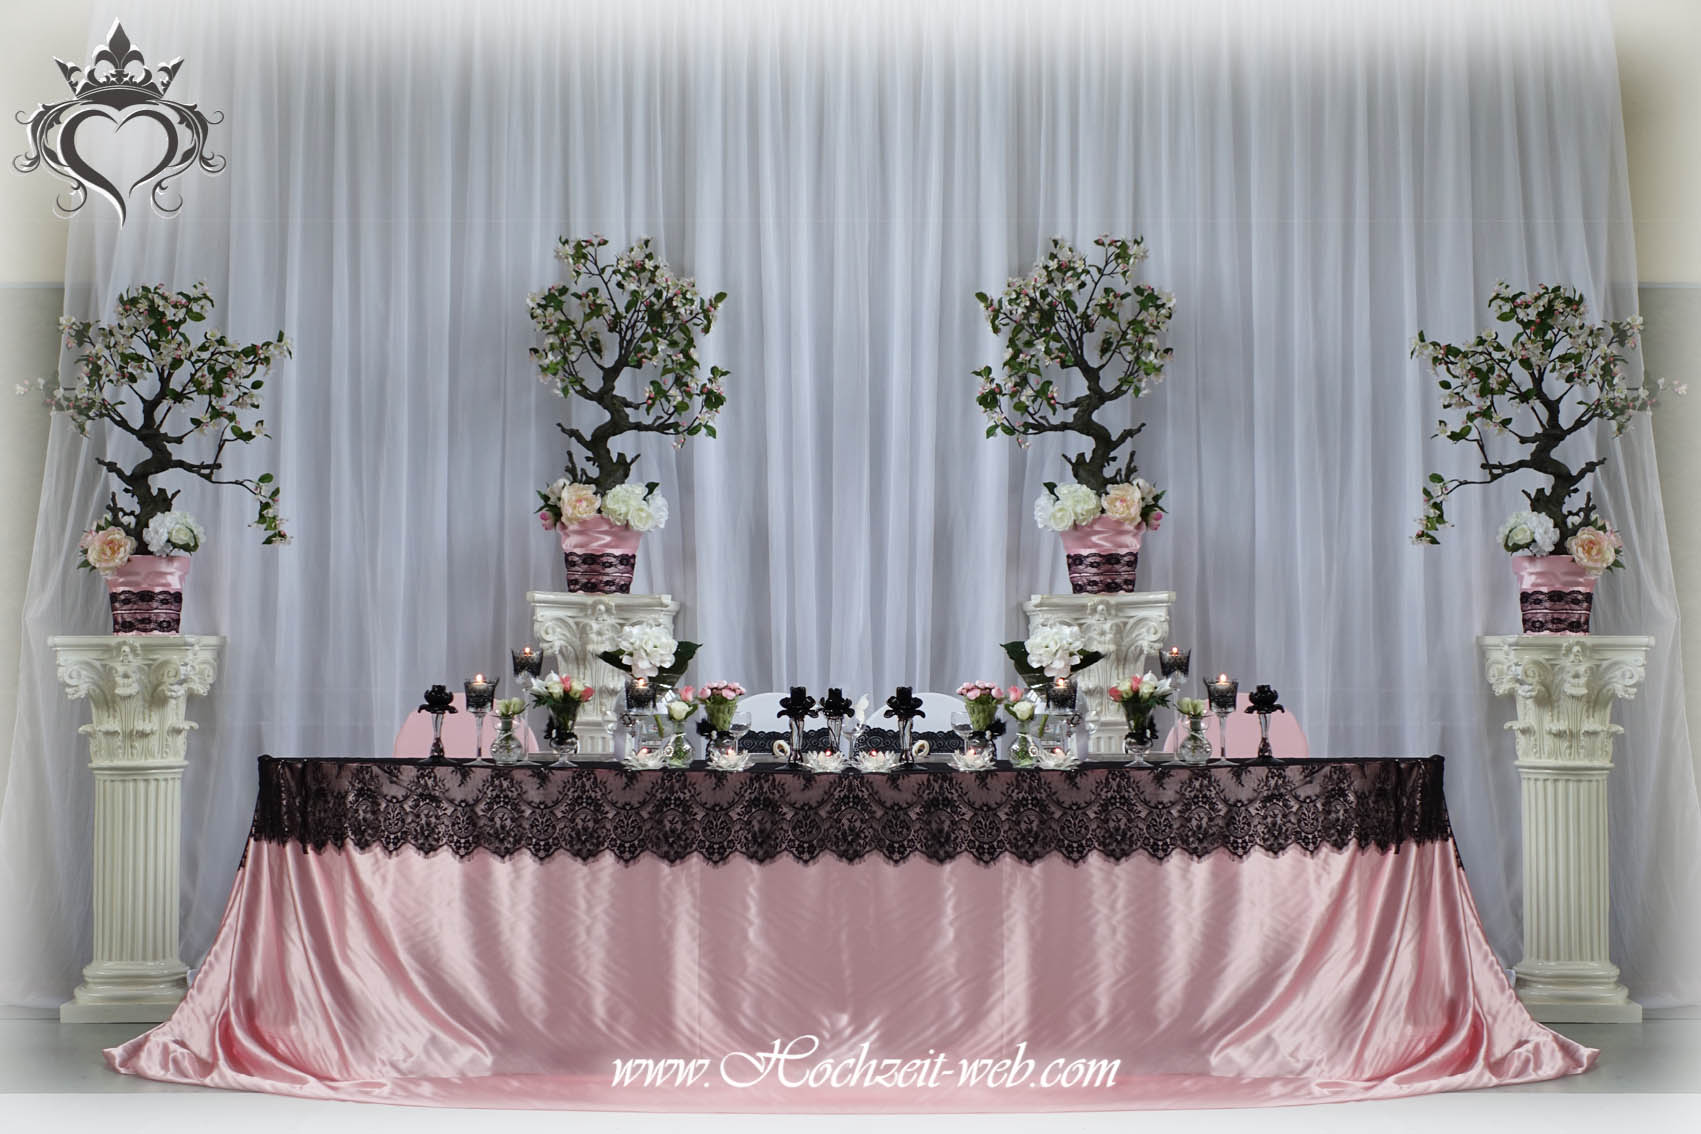 Brauttisch in weiß und Rosa Farben mit französische schwarze Spitze